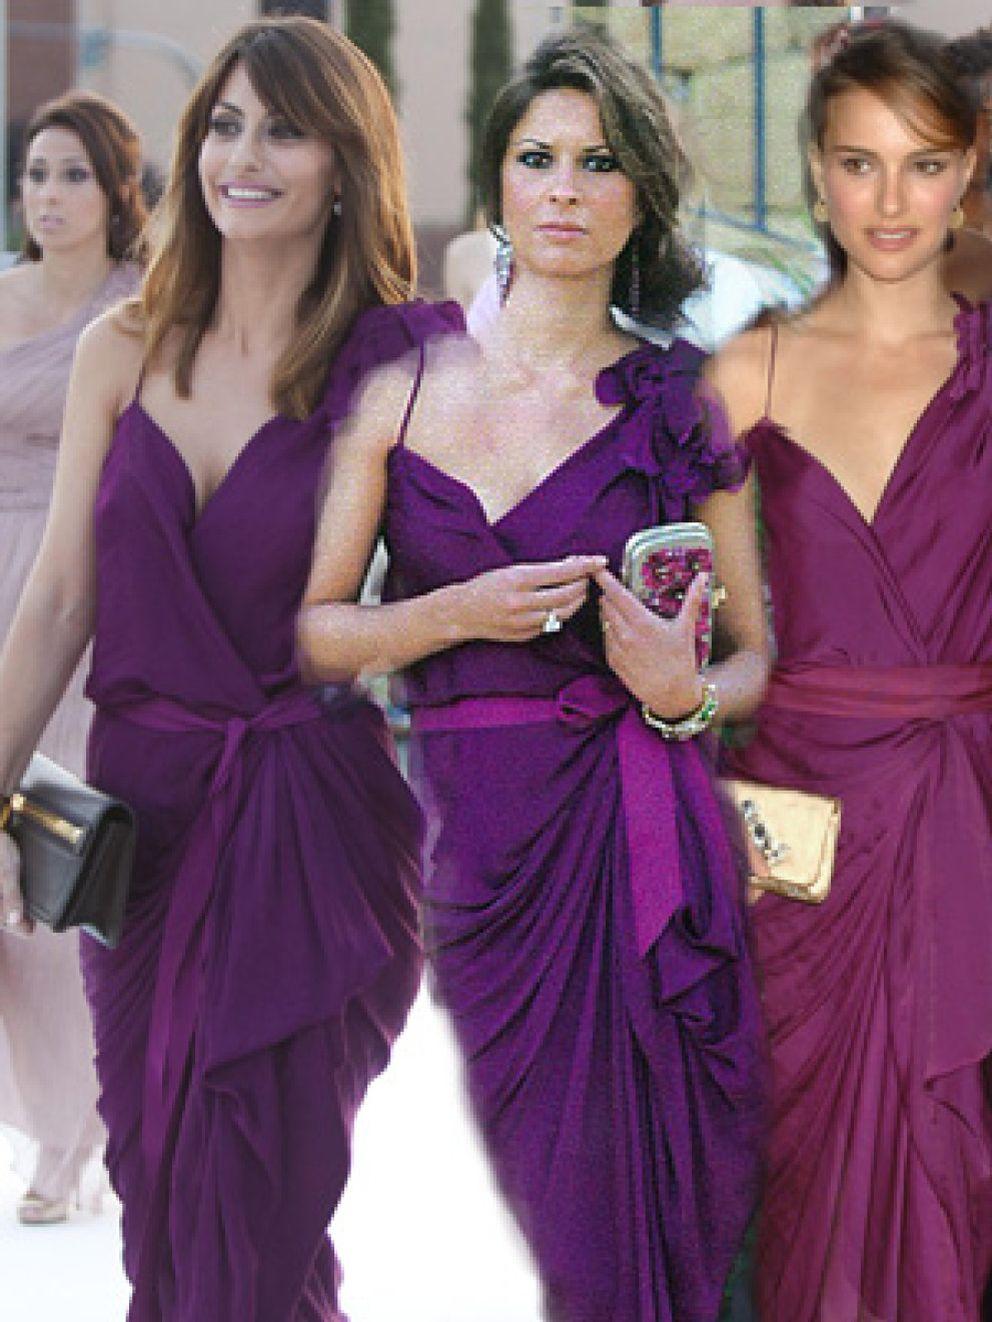 Foto: Elena Cué le copia el vestido a la mujer de Xabi Alonso y a Natalie Portman